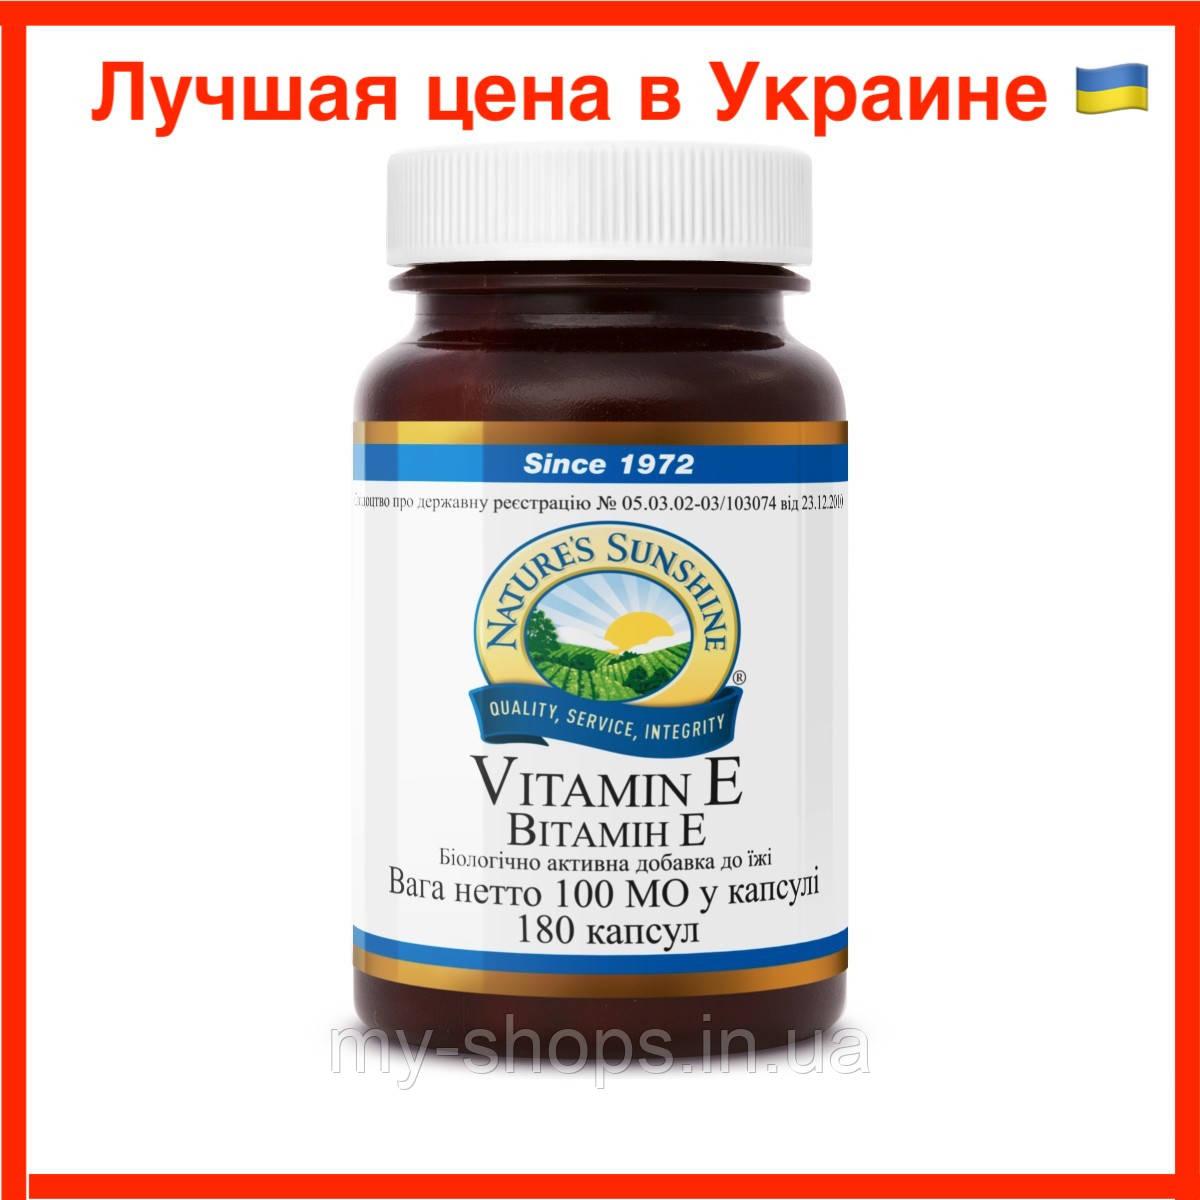 Витамин E (Vitamin E) НСП. Витамин E NSP. Натуральная БИОДОБАВКА